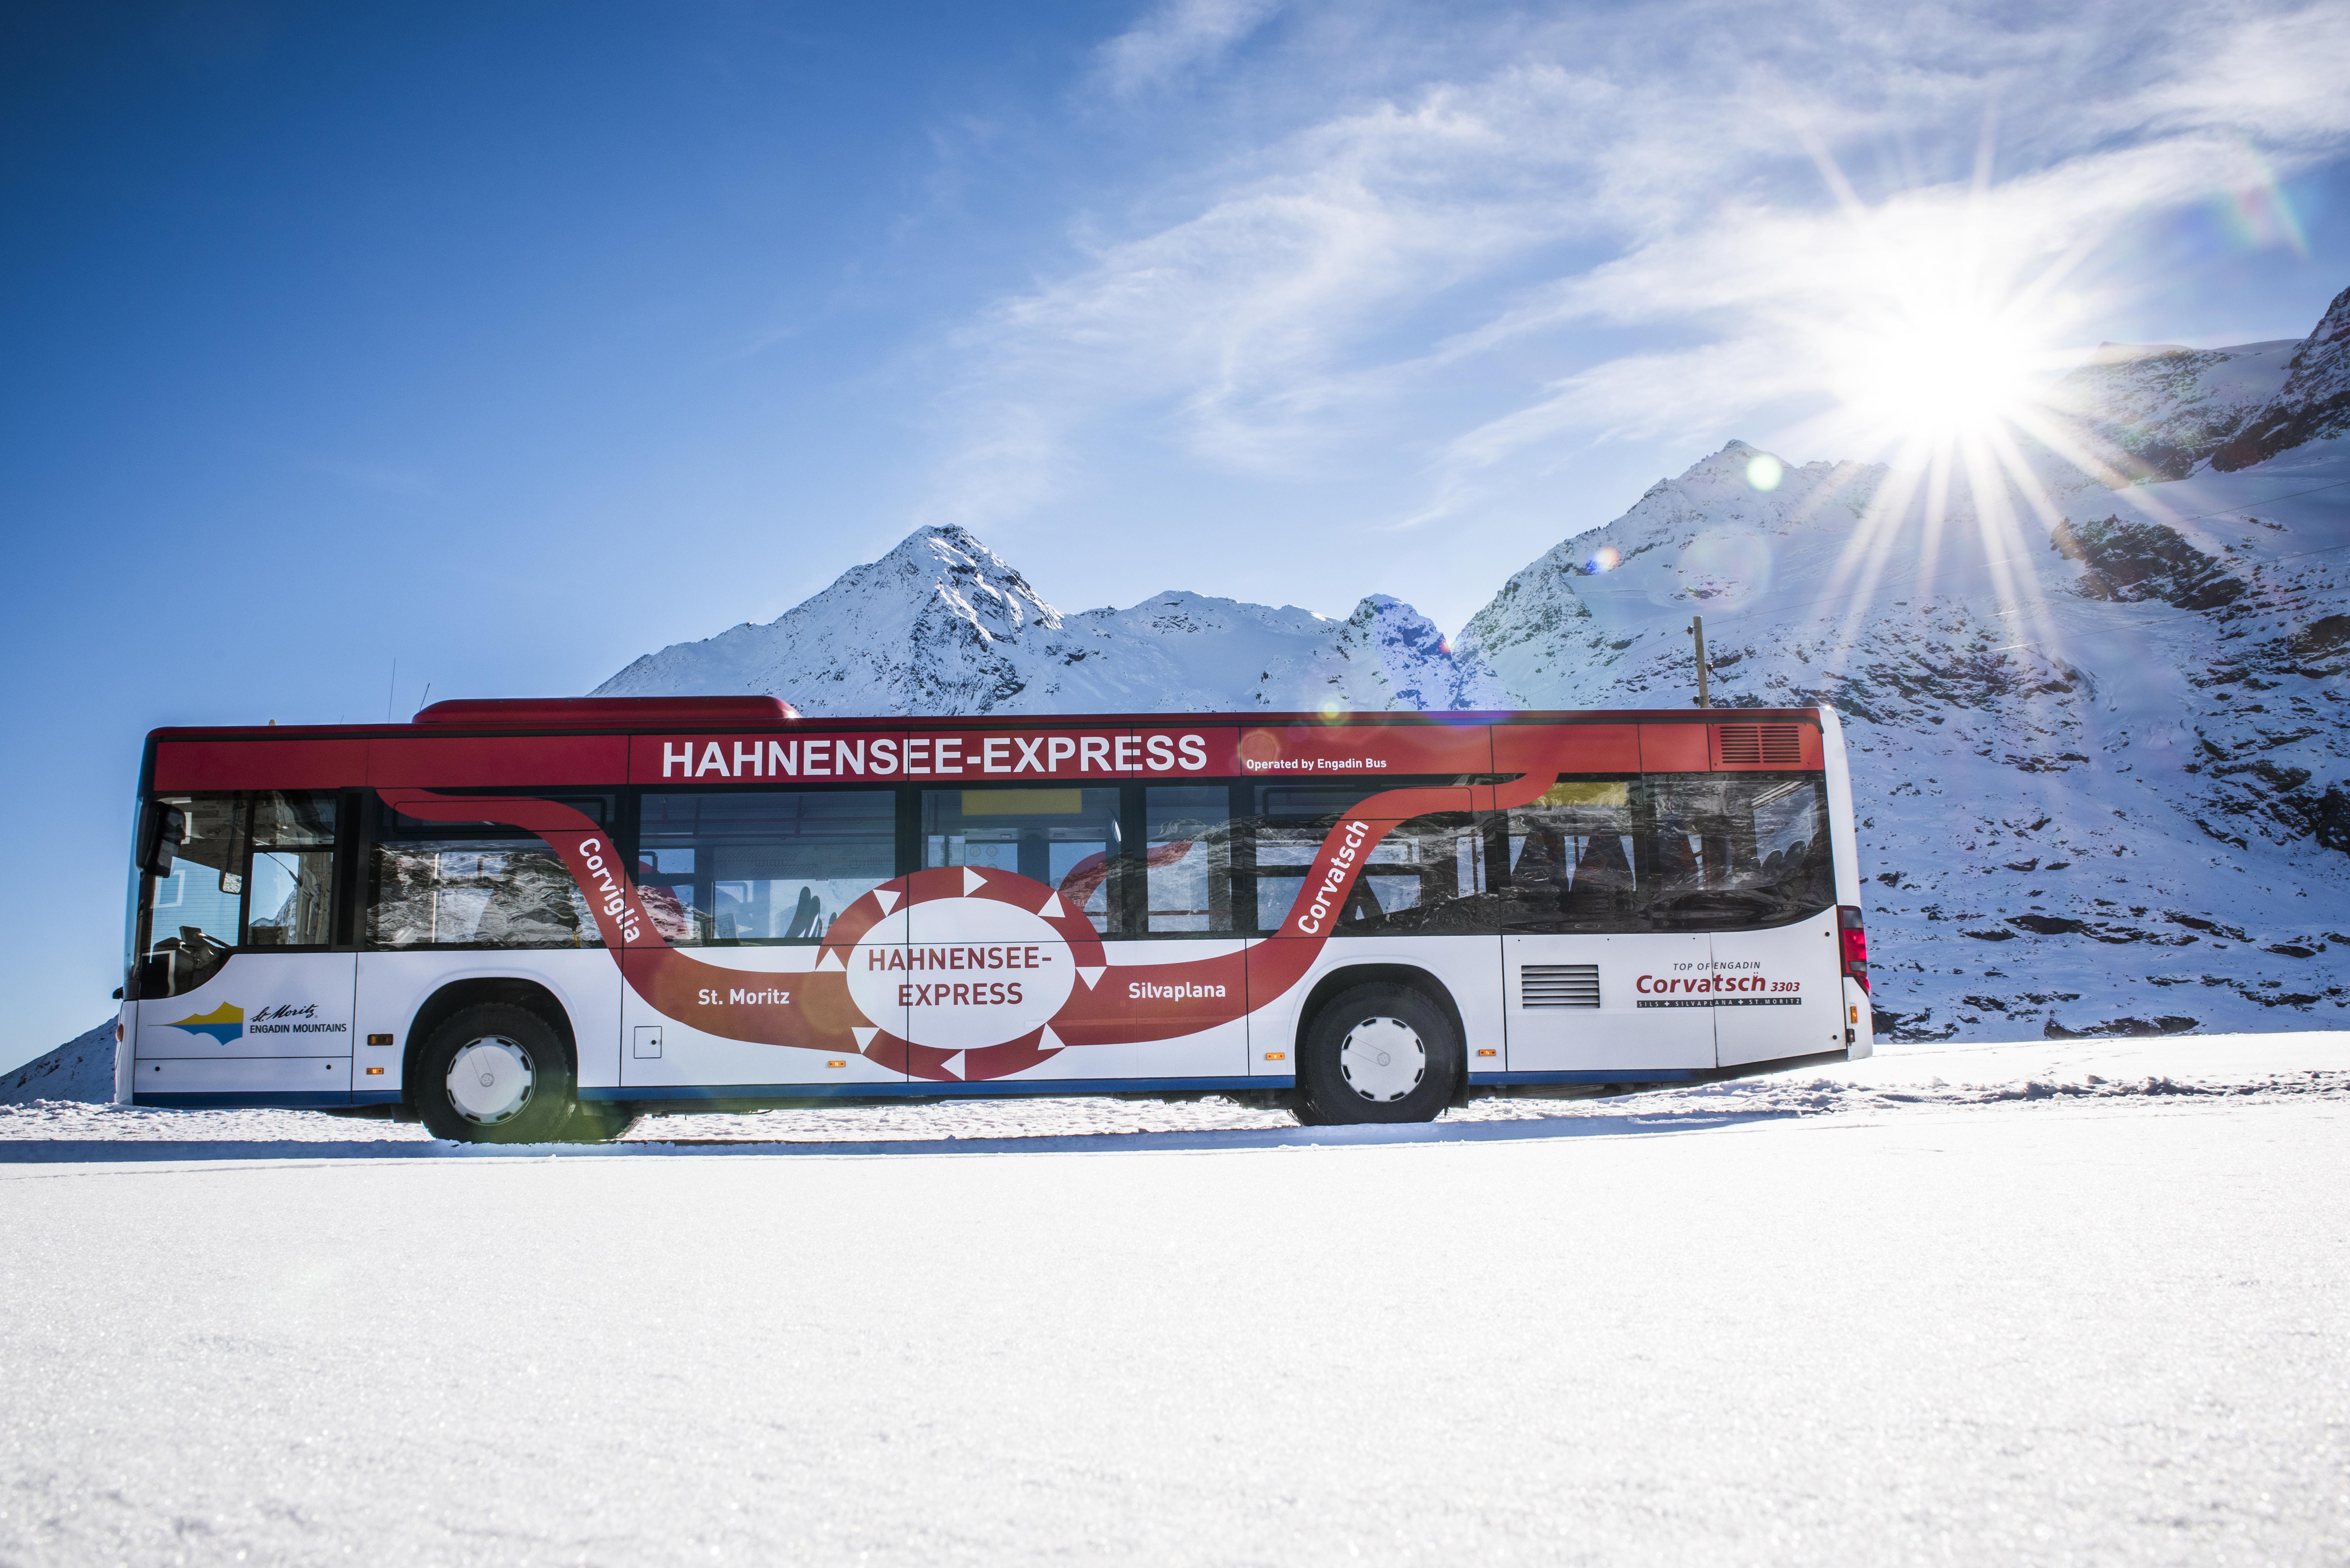 Hahnensee-Express